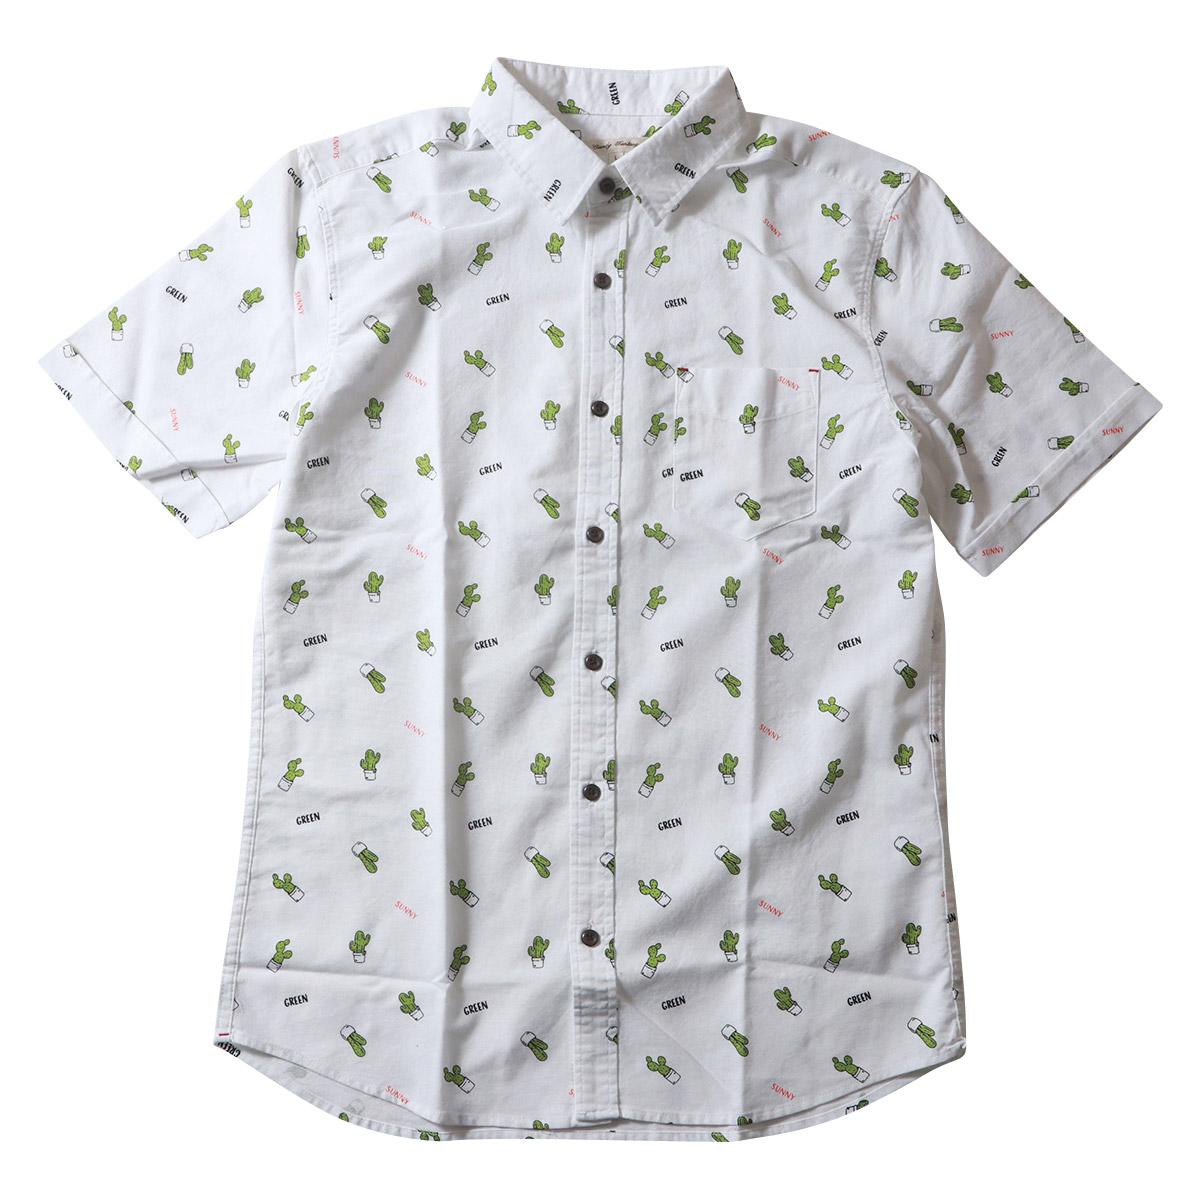 総柄 サボテン プリント 半袖オックスフォード シャツ メンズ